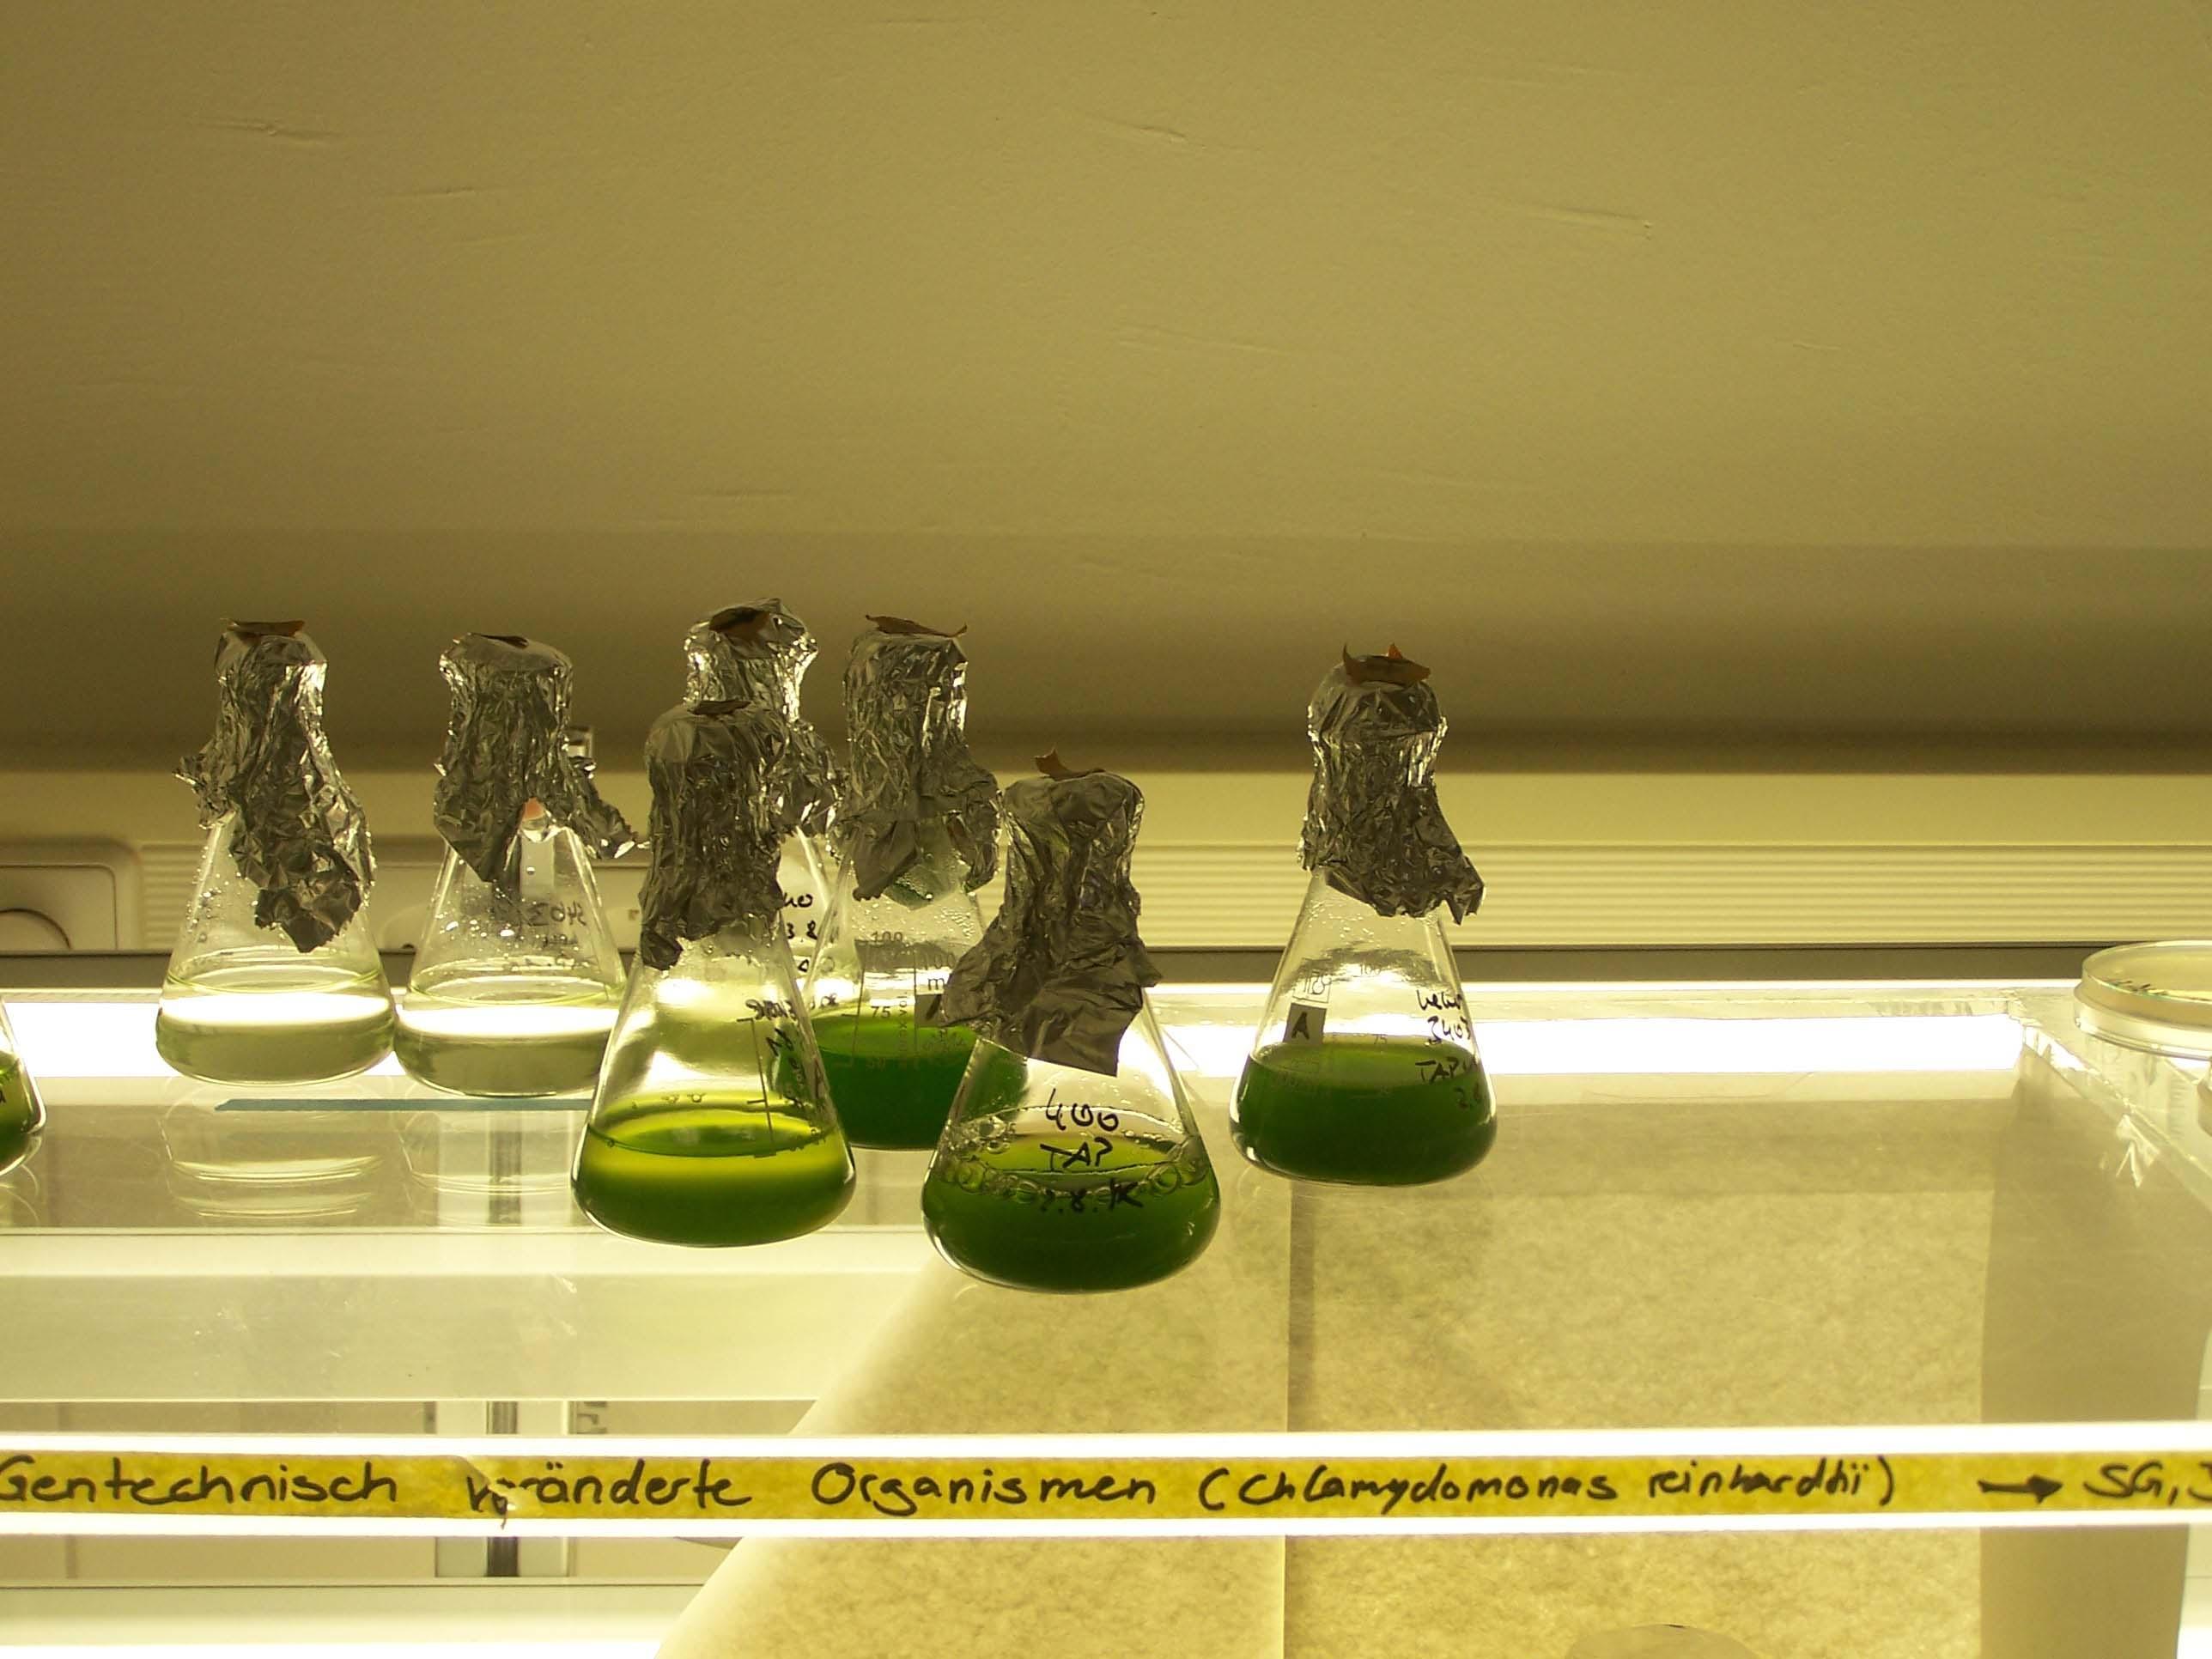 Chlamydomonas reinhadtii, gentechnisch veränderte Organismen